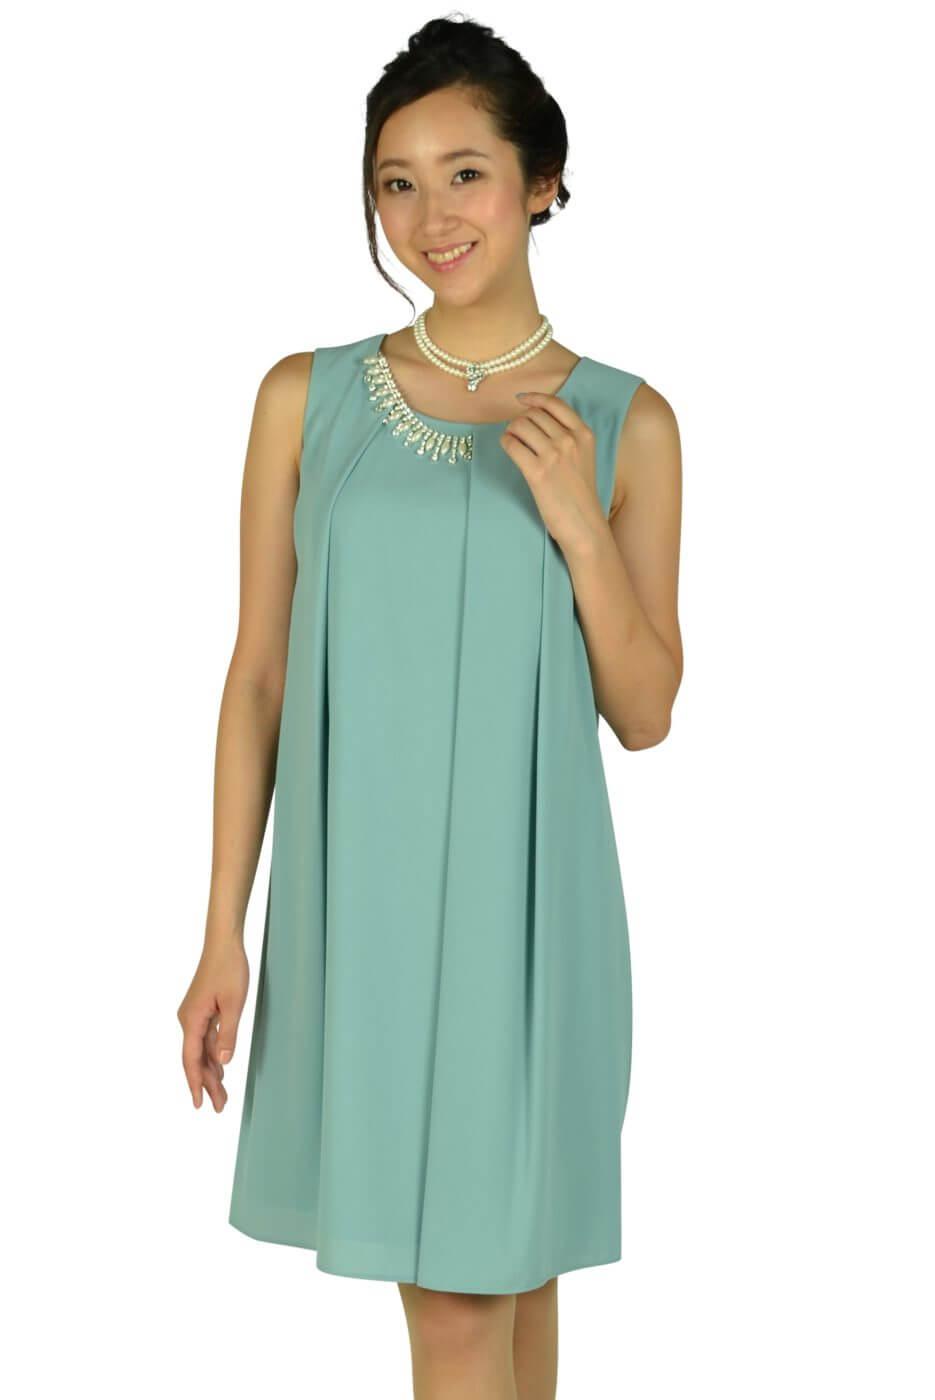 エクリュフィル (ecruefil)パステルミントタックゆったりドレス